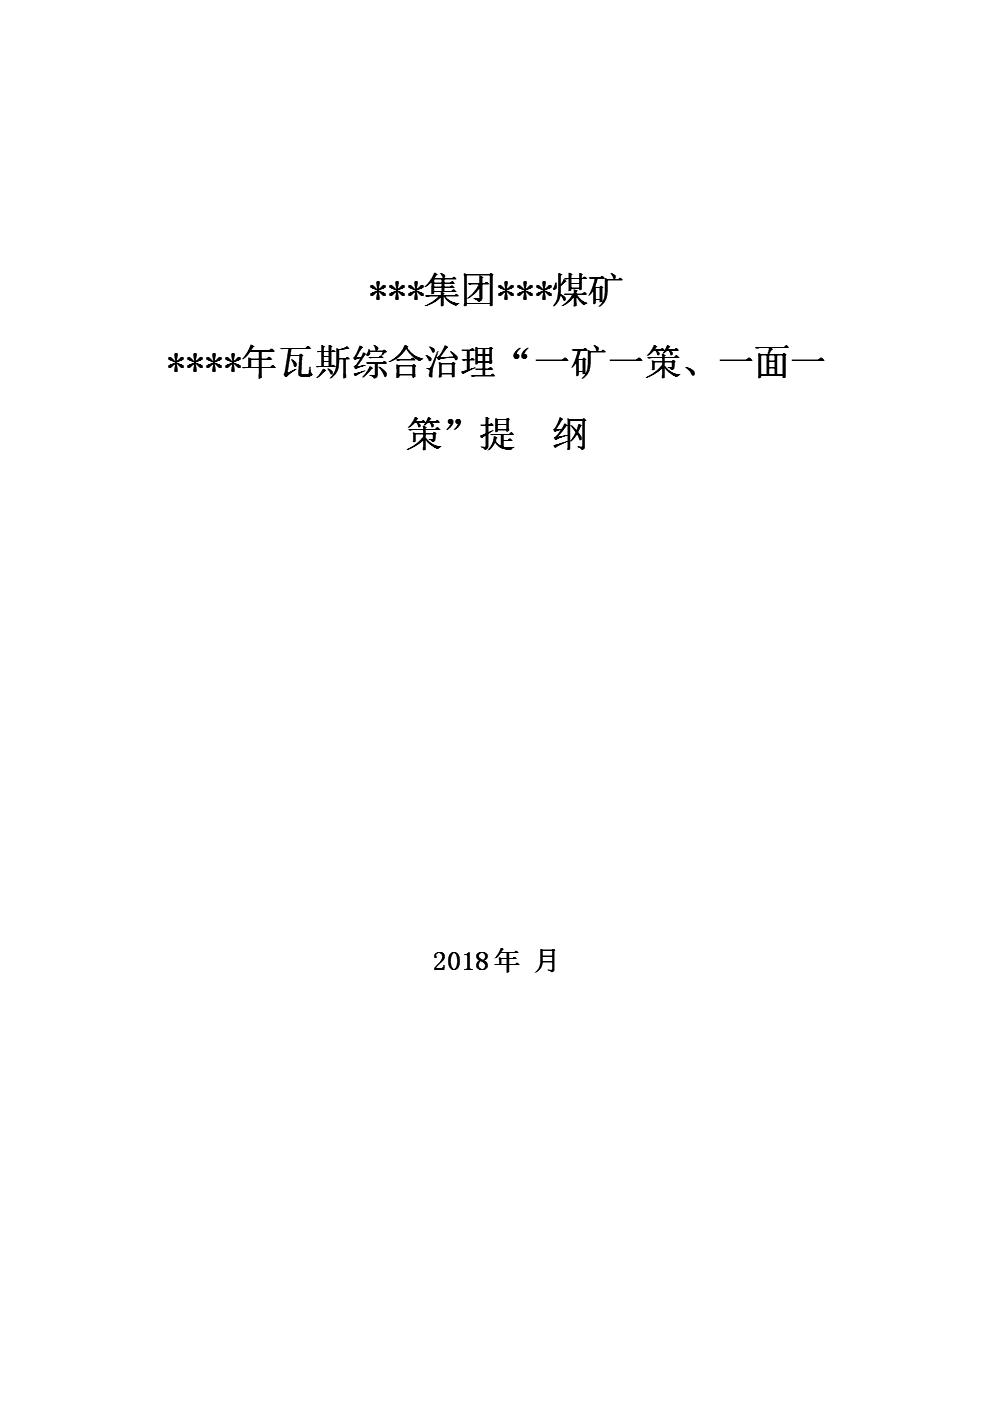 """5.煤矿安全 瓦斯治理""""一矿一策、一面一策""""提纲.doc"""